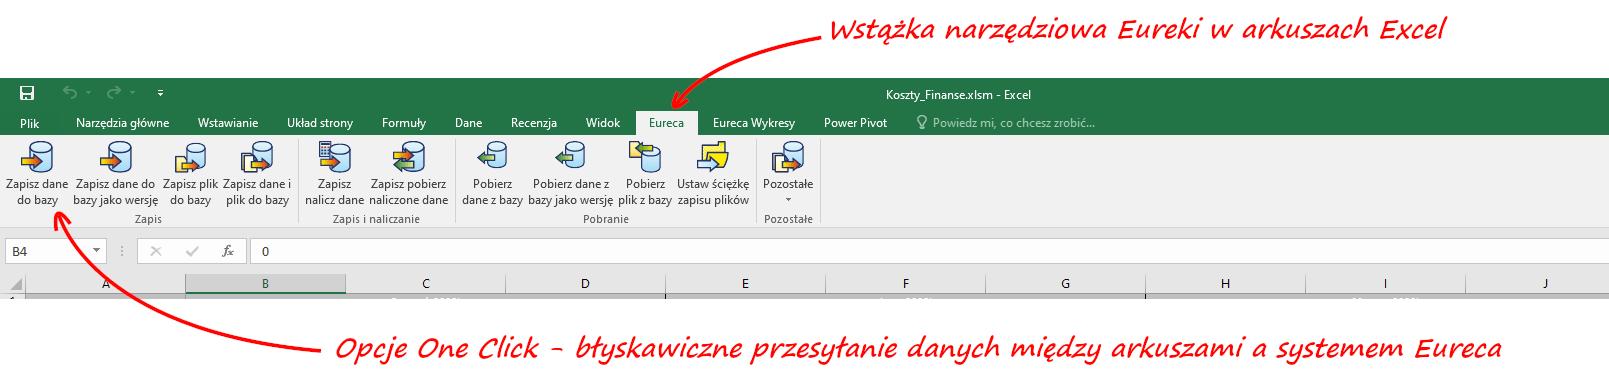 Eureca 4 Excel - Opcje One Click i błyskawiczne przesyłanie danych między arkuszami a systemem Eureca